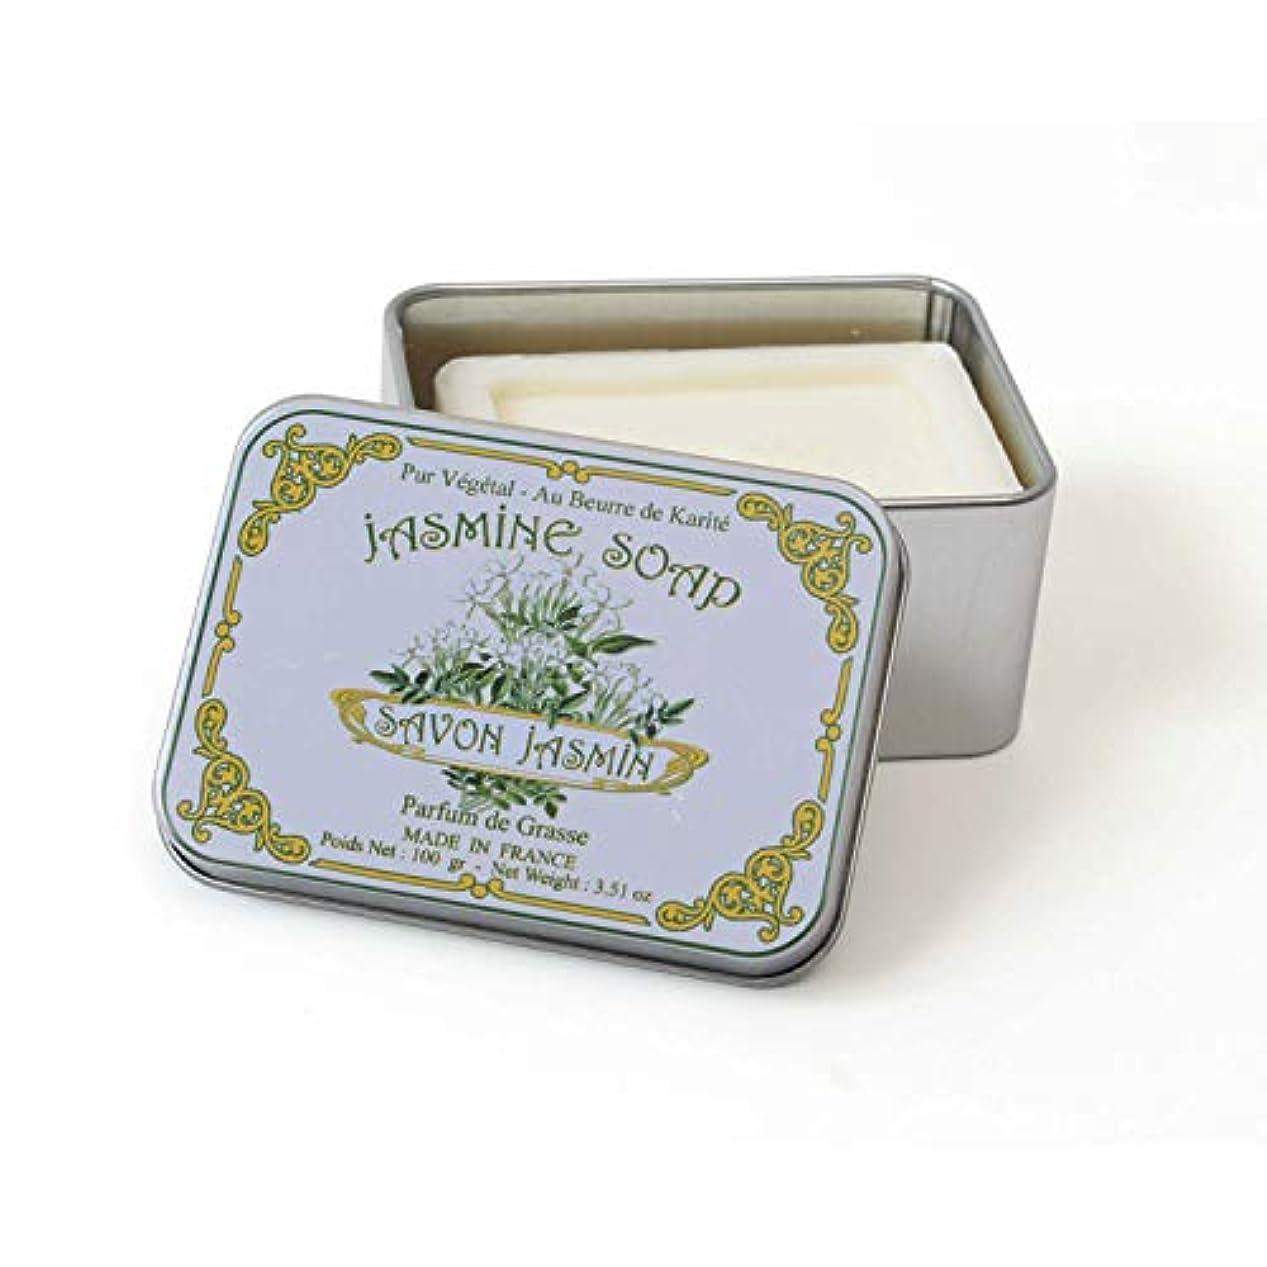 餌ピック個人的なLe Blanc ルブランソープ ジャ スミンの香り